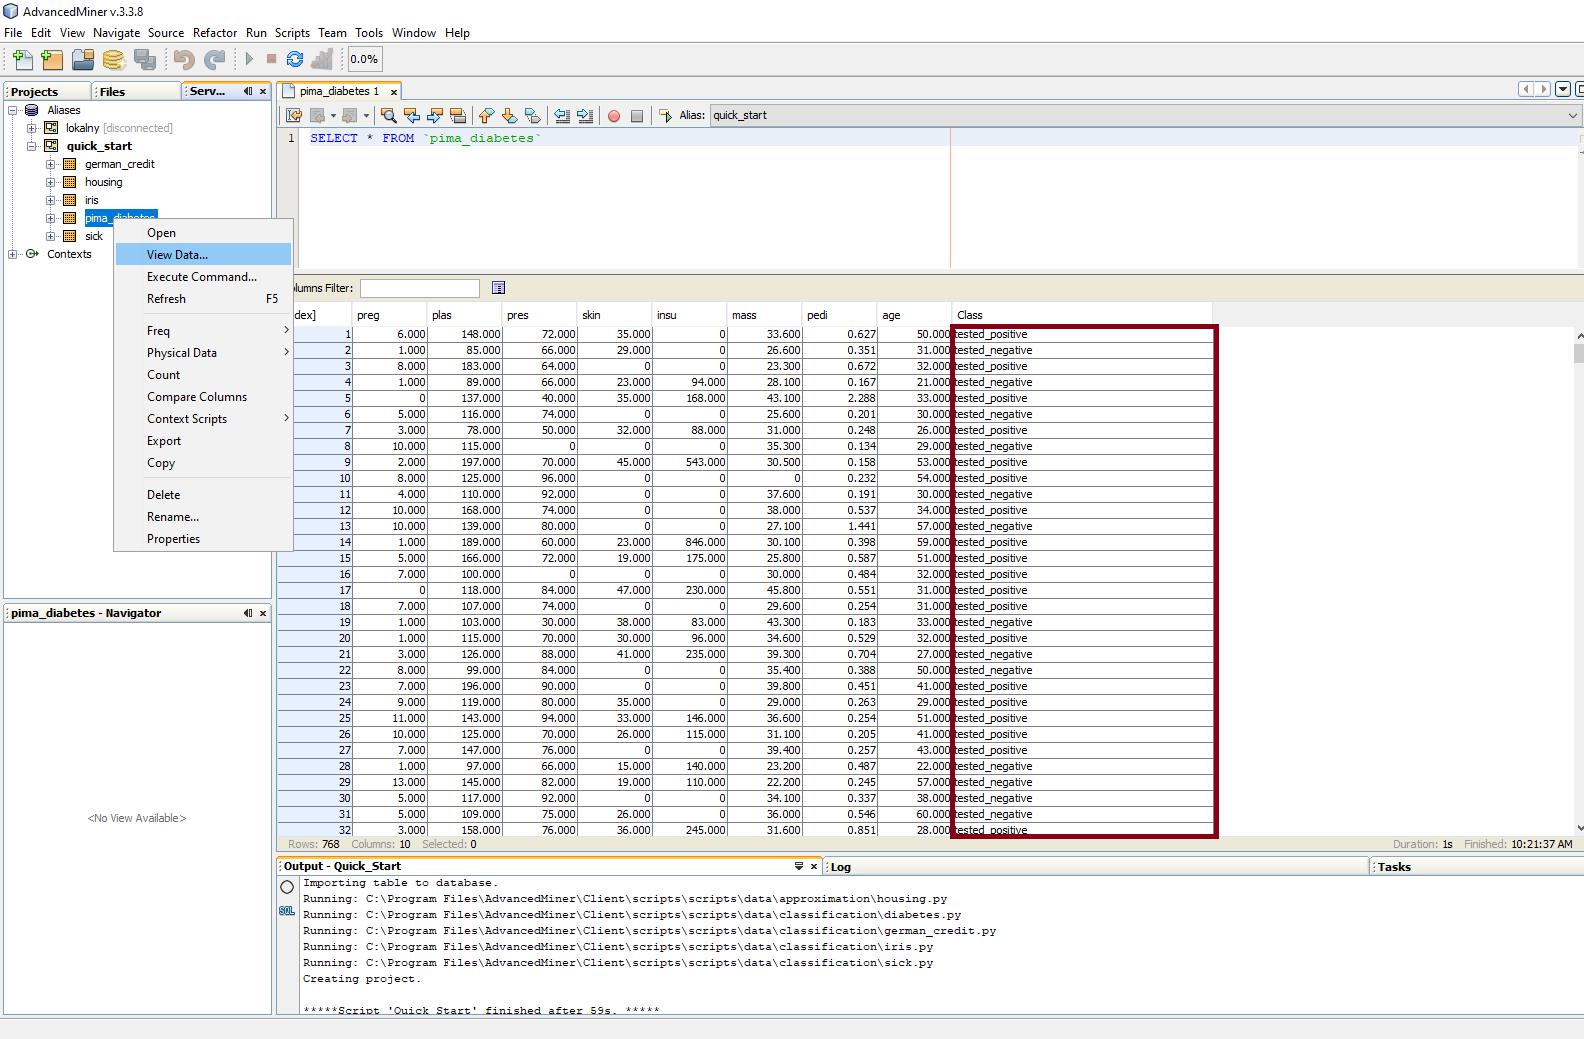 Budowanie modeli predykcyjnych w programie AdvancedMiner - 5